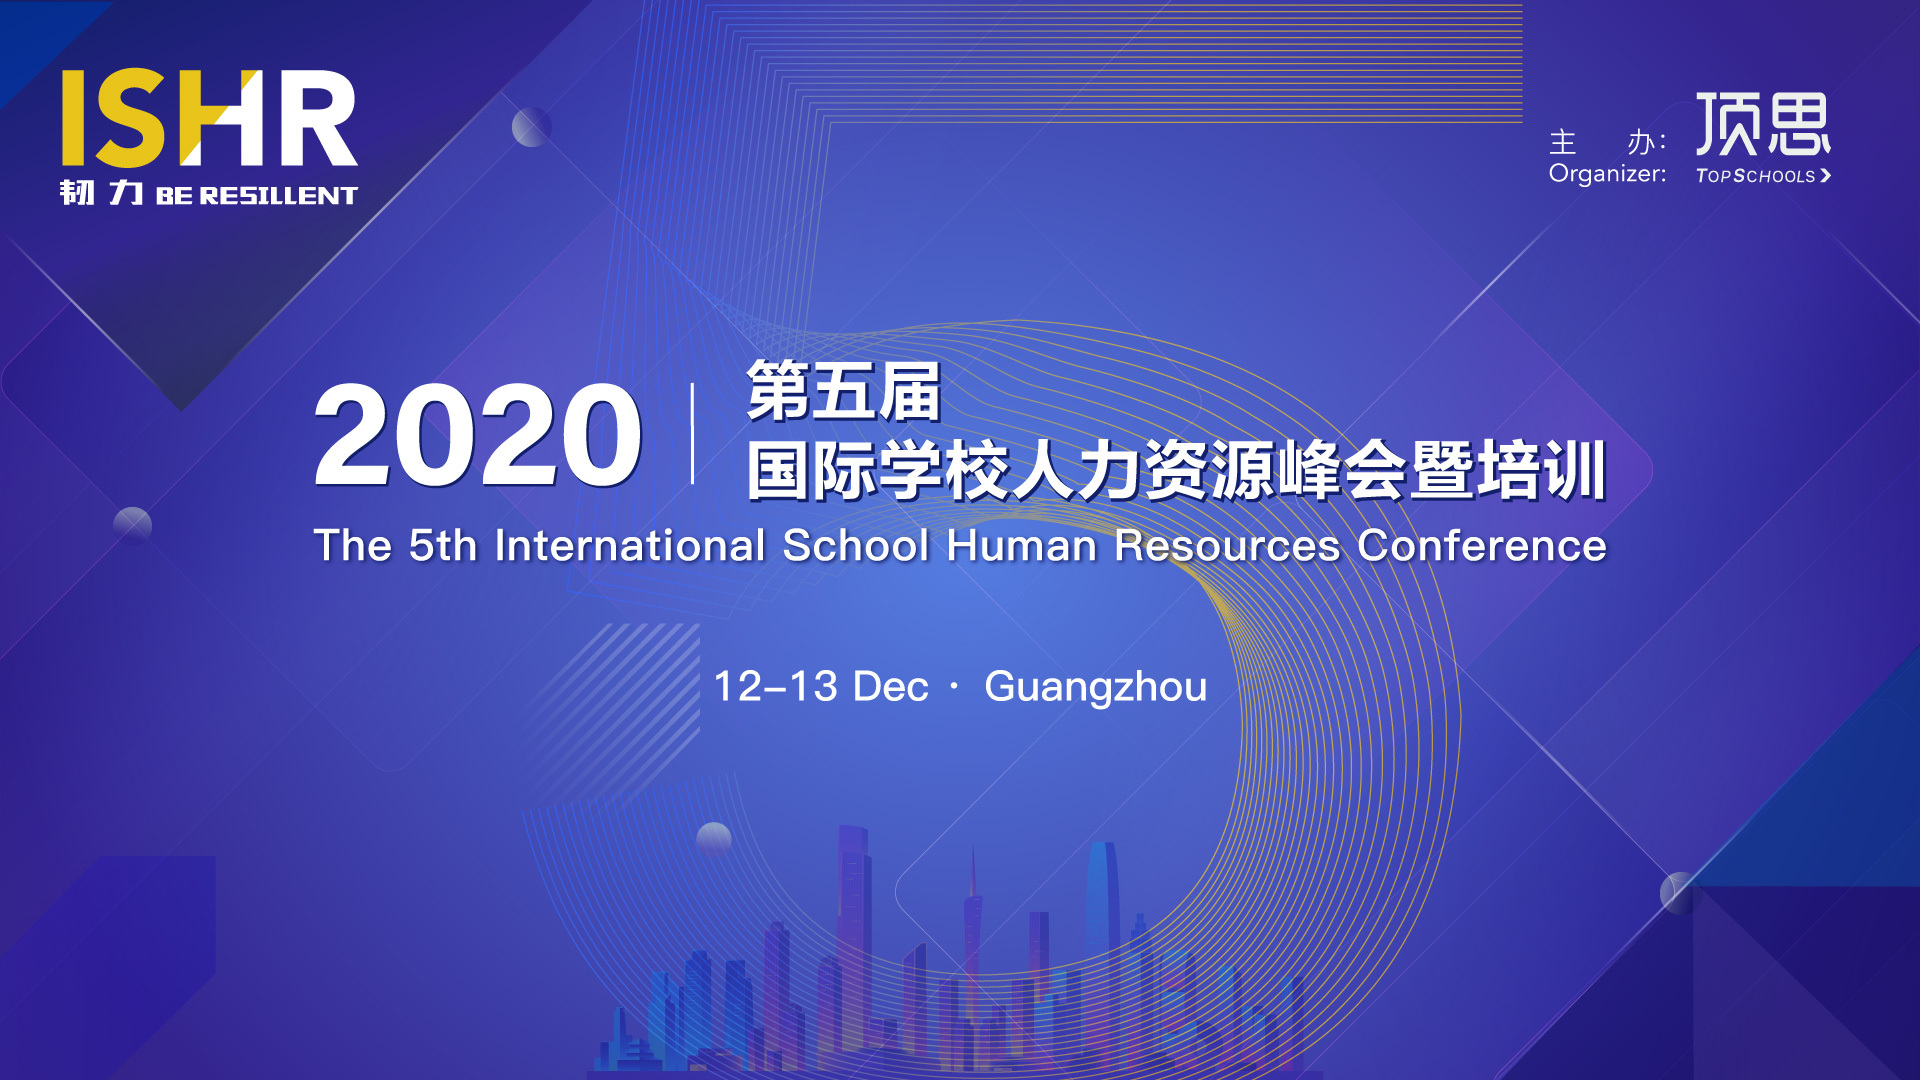 ISHR 2020 第五届国际学校人力资源管理峰会暨培训